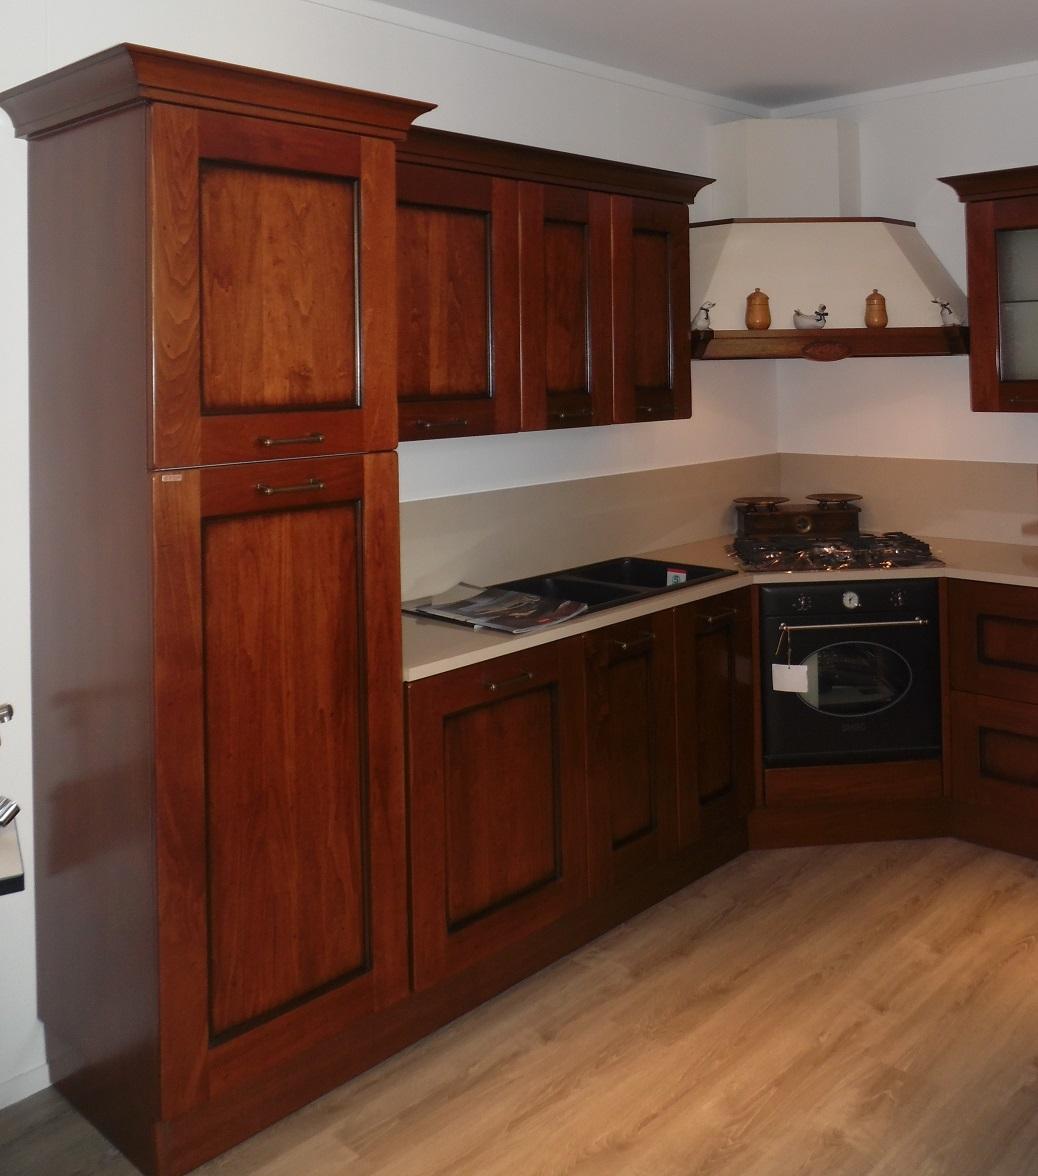 Cucina ad angolo amelie scavolini scontata del 30 cucine a prezzi scontati - Misure cucine ad angolo ...